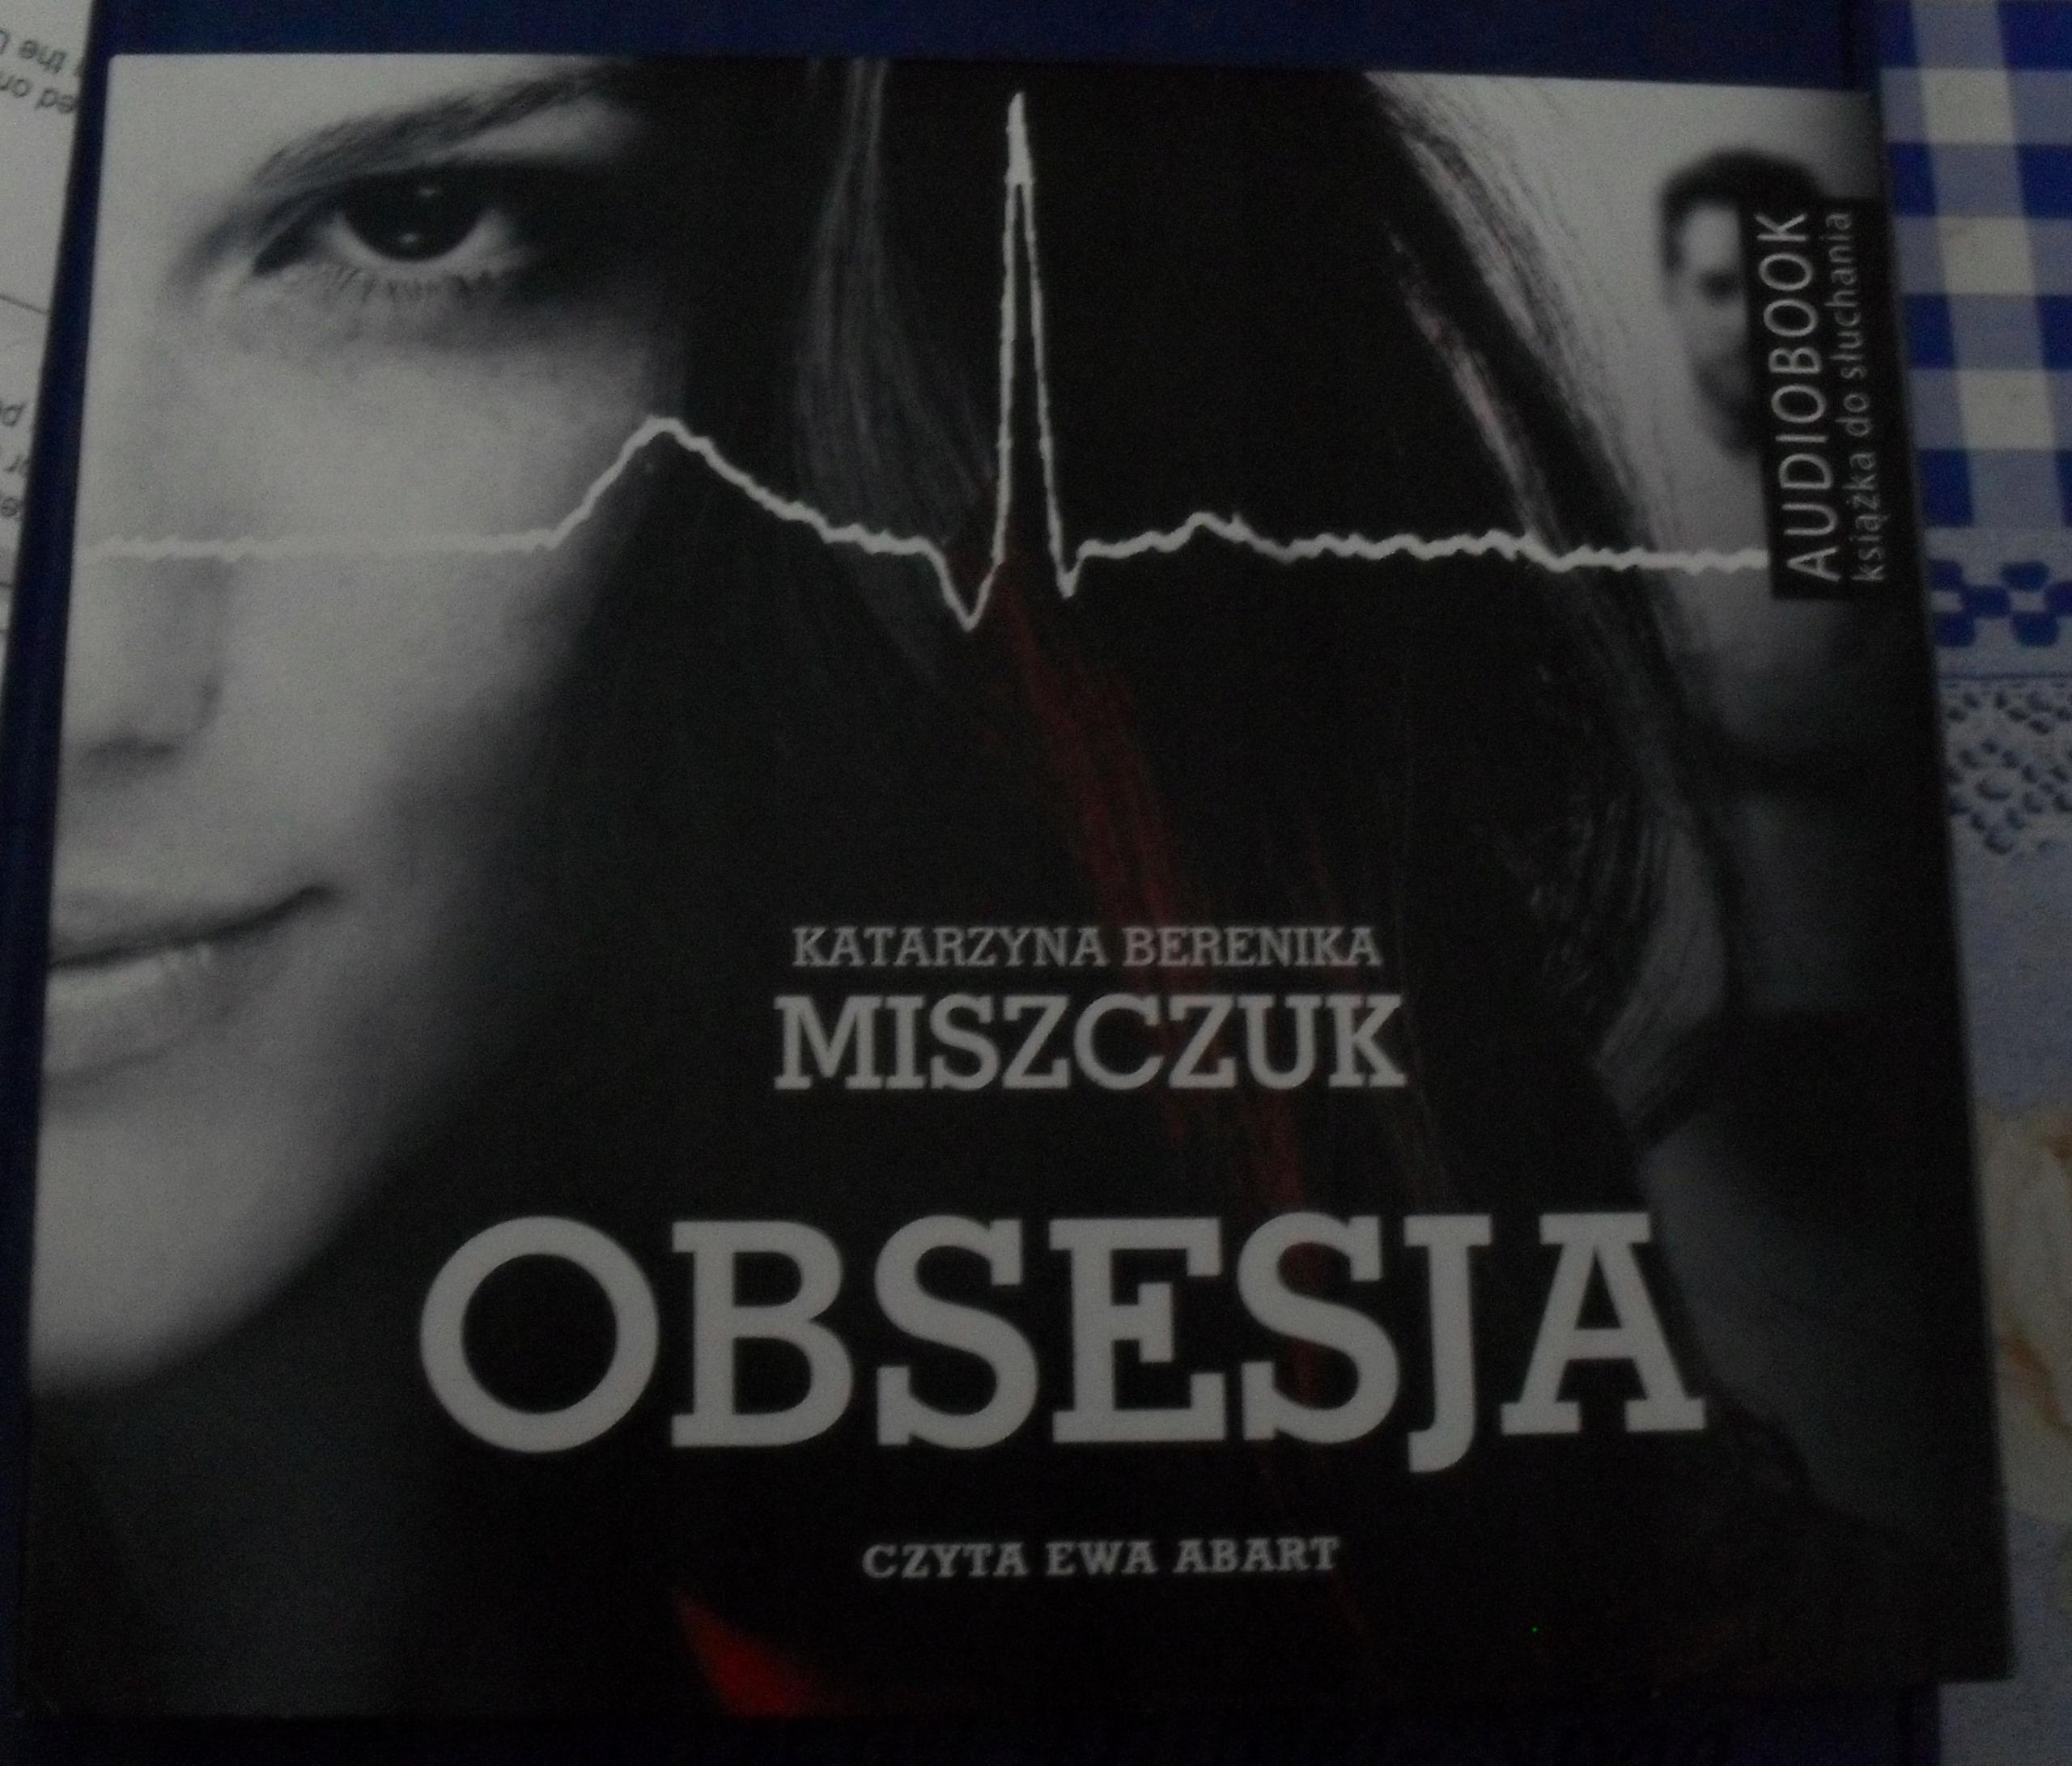 OBSESJA K.B. Miszczuk